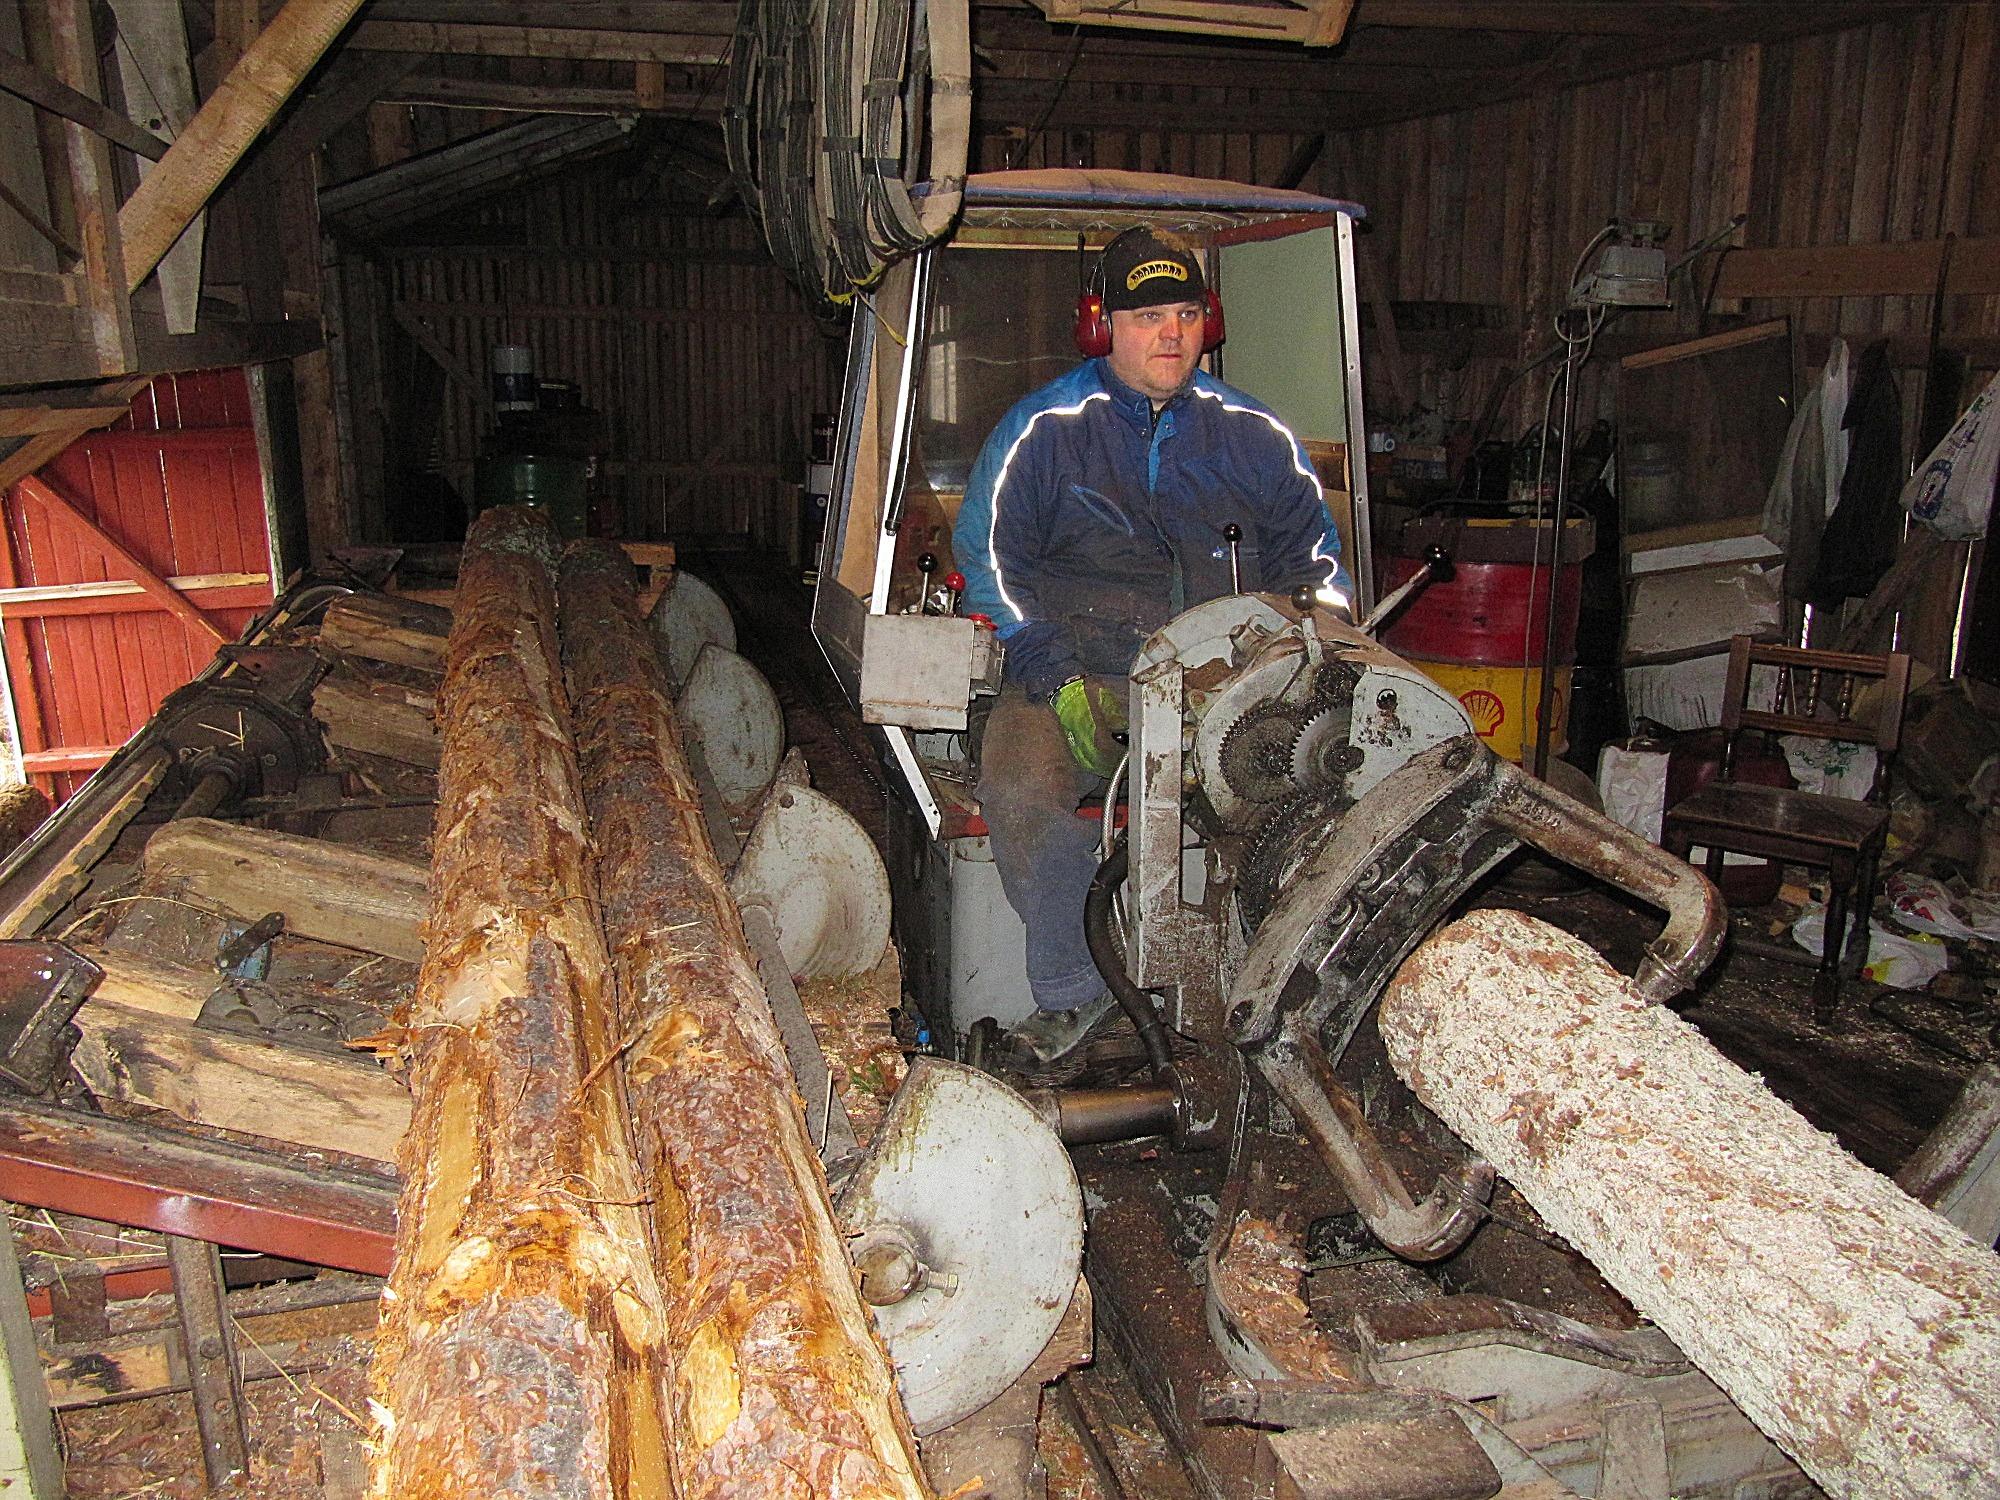 Här sitter den nuvarande sågägaren Mikael Wiklund och justerar stocken före den går igenom ramen.